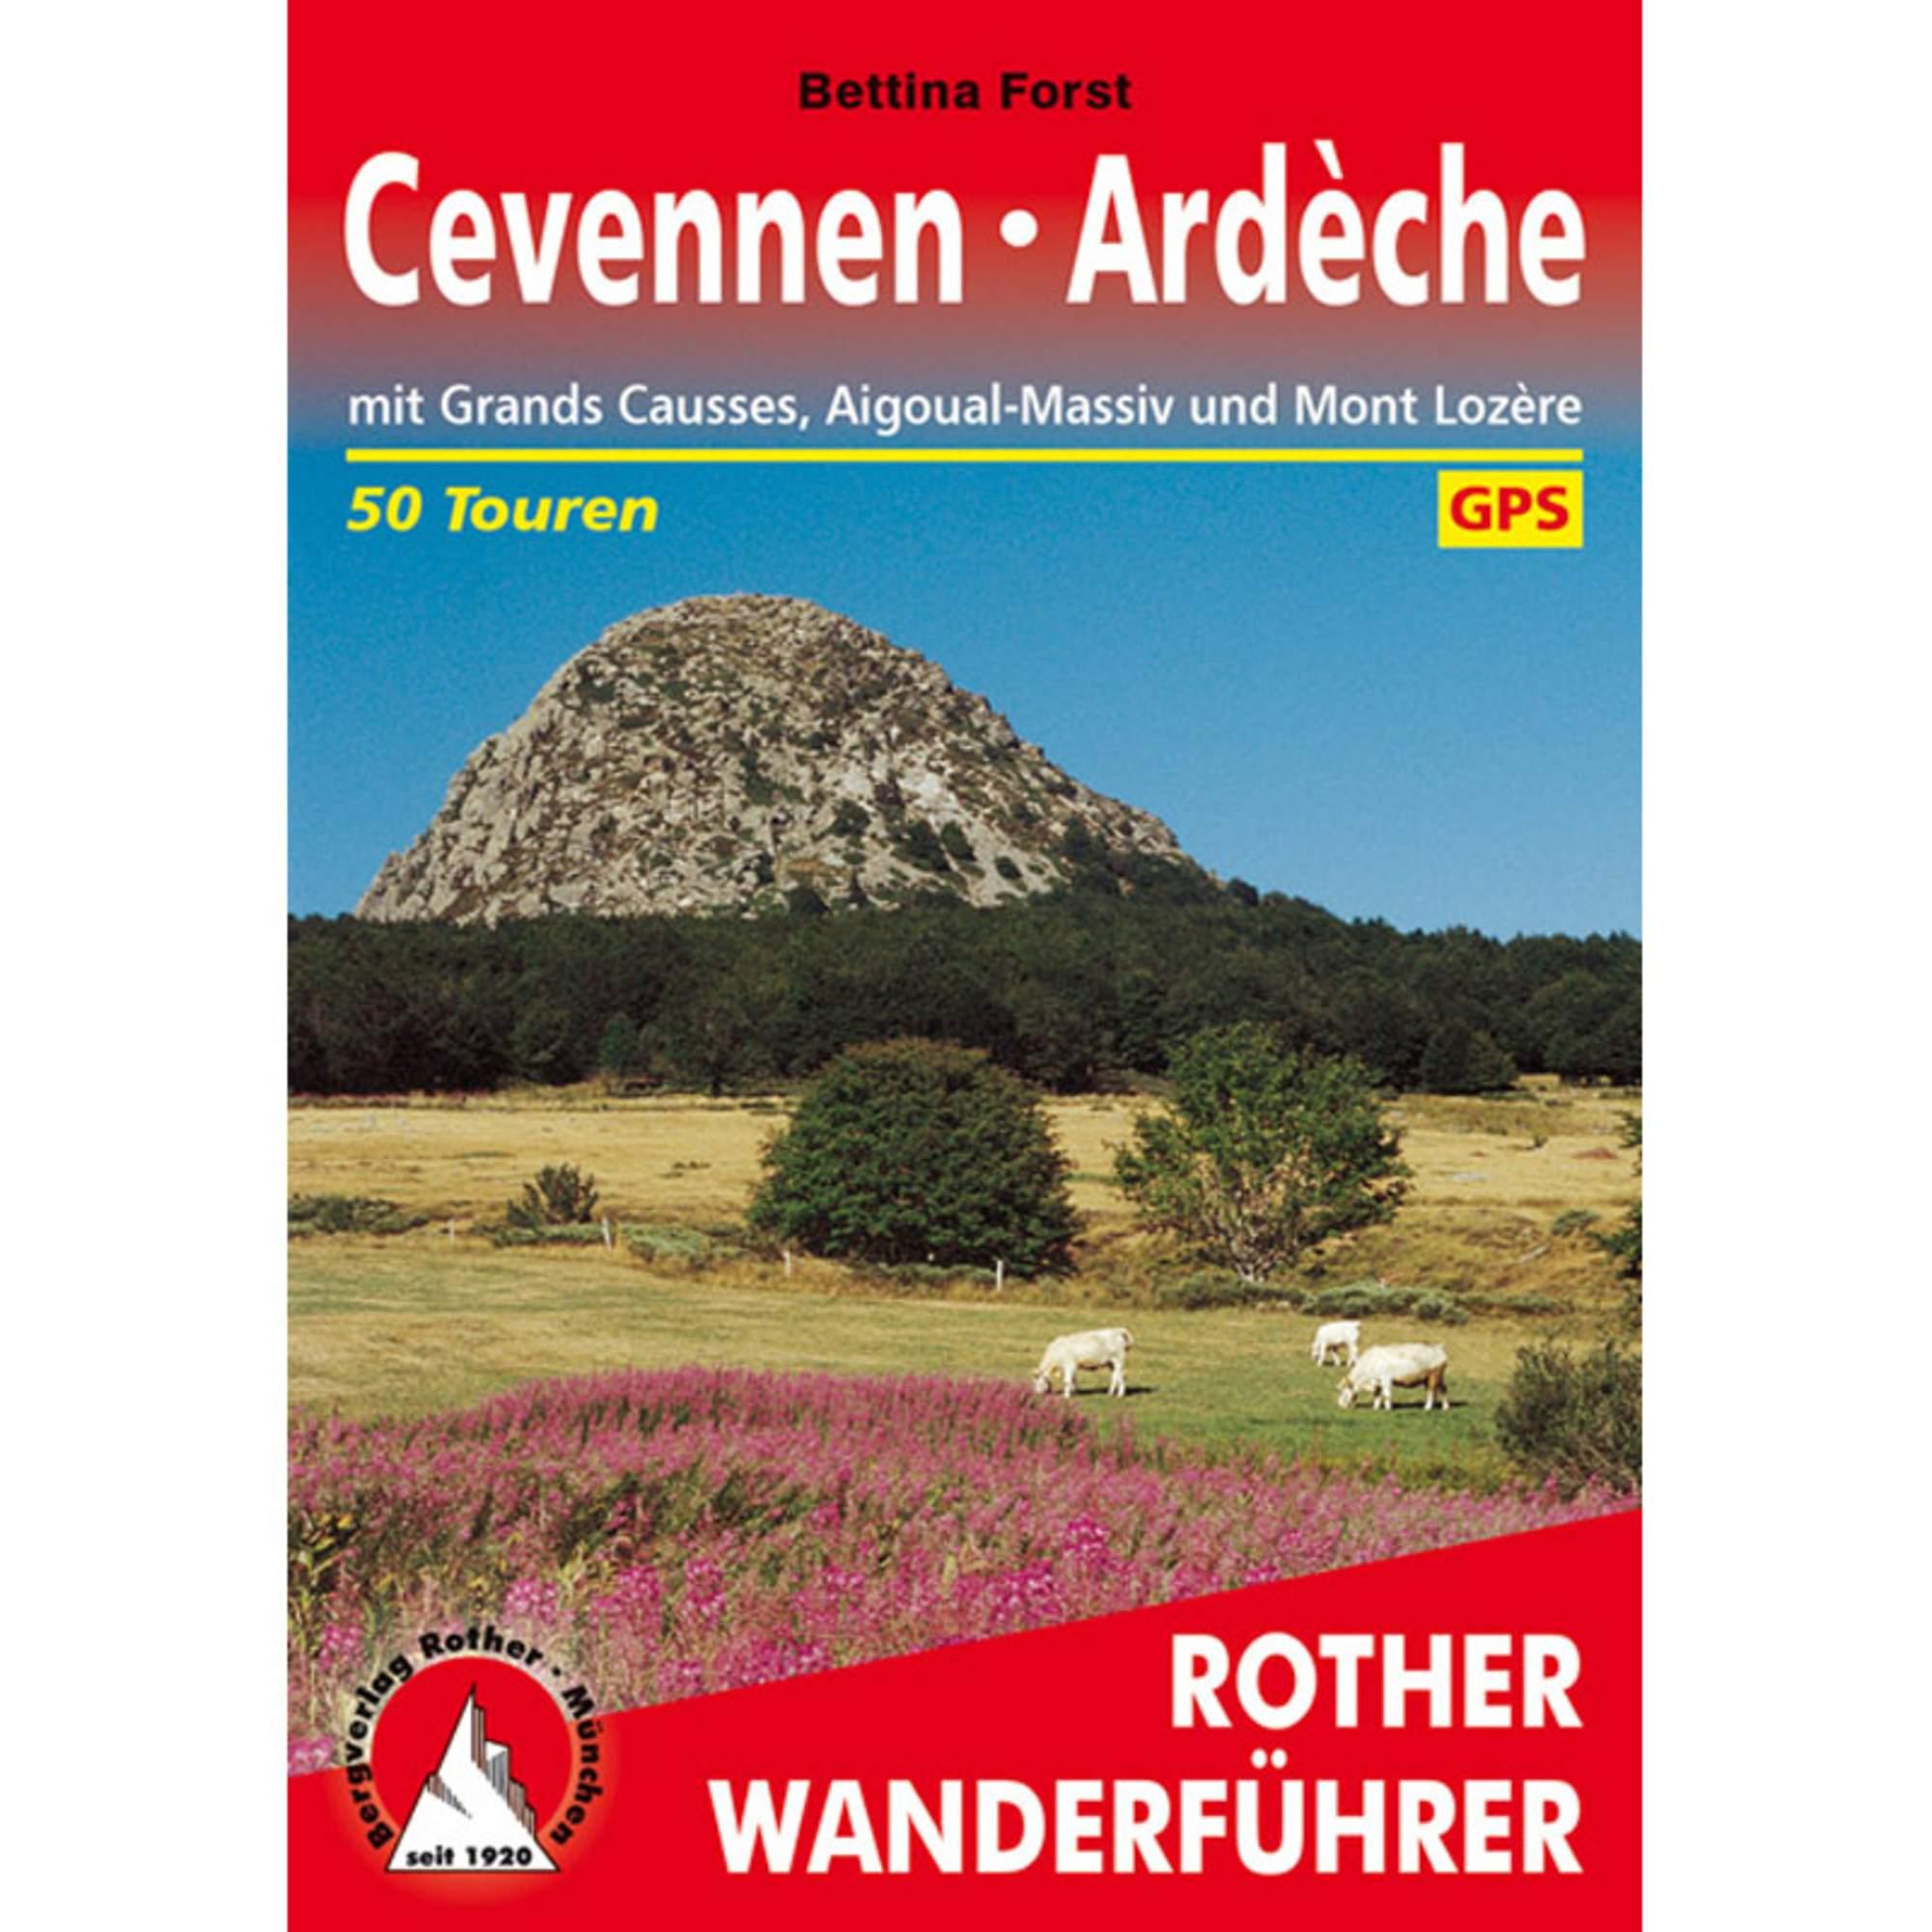 BVR CEVENNEN / ARDÈCHE, 14,90 Euro